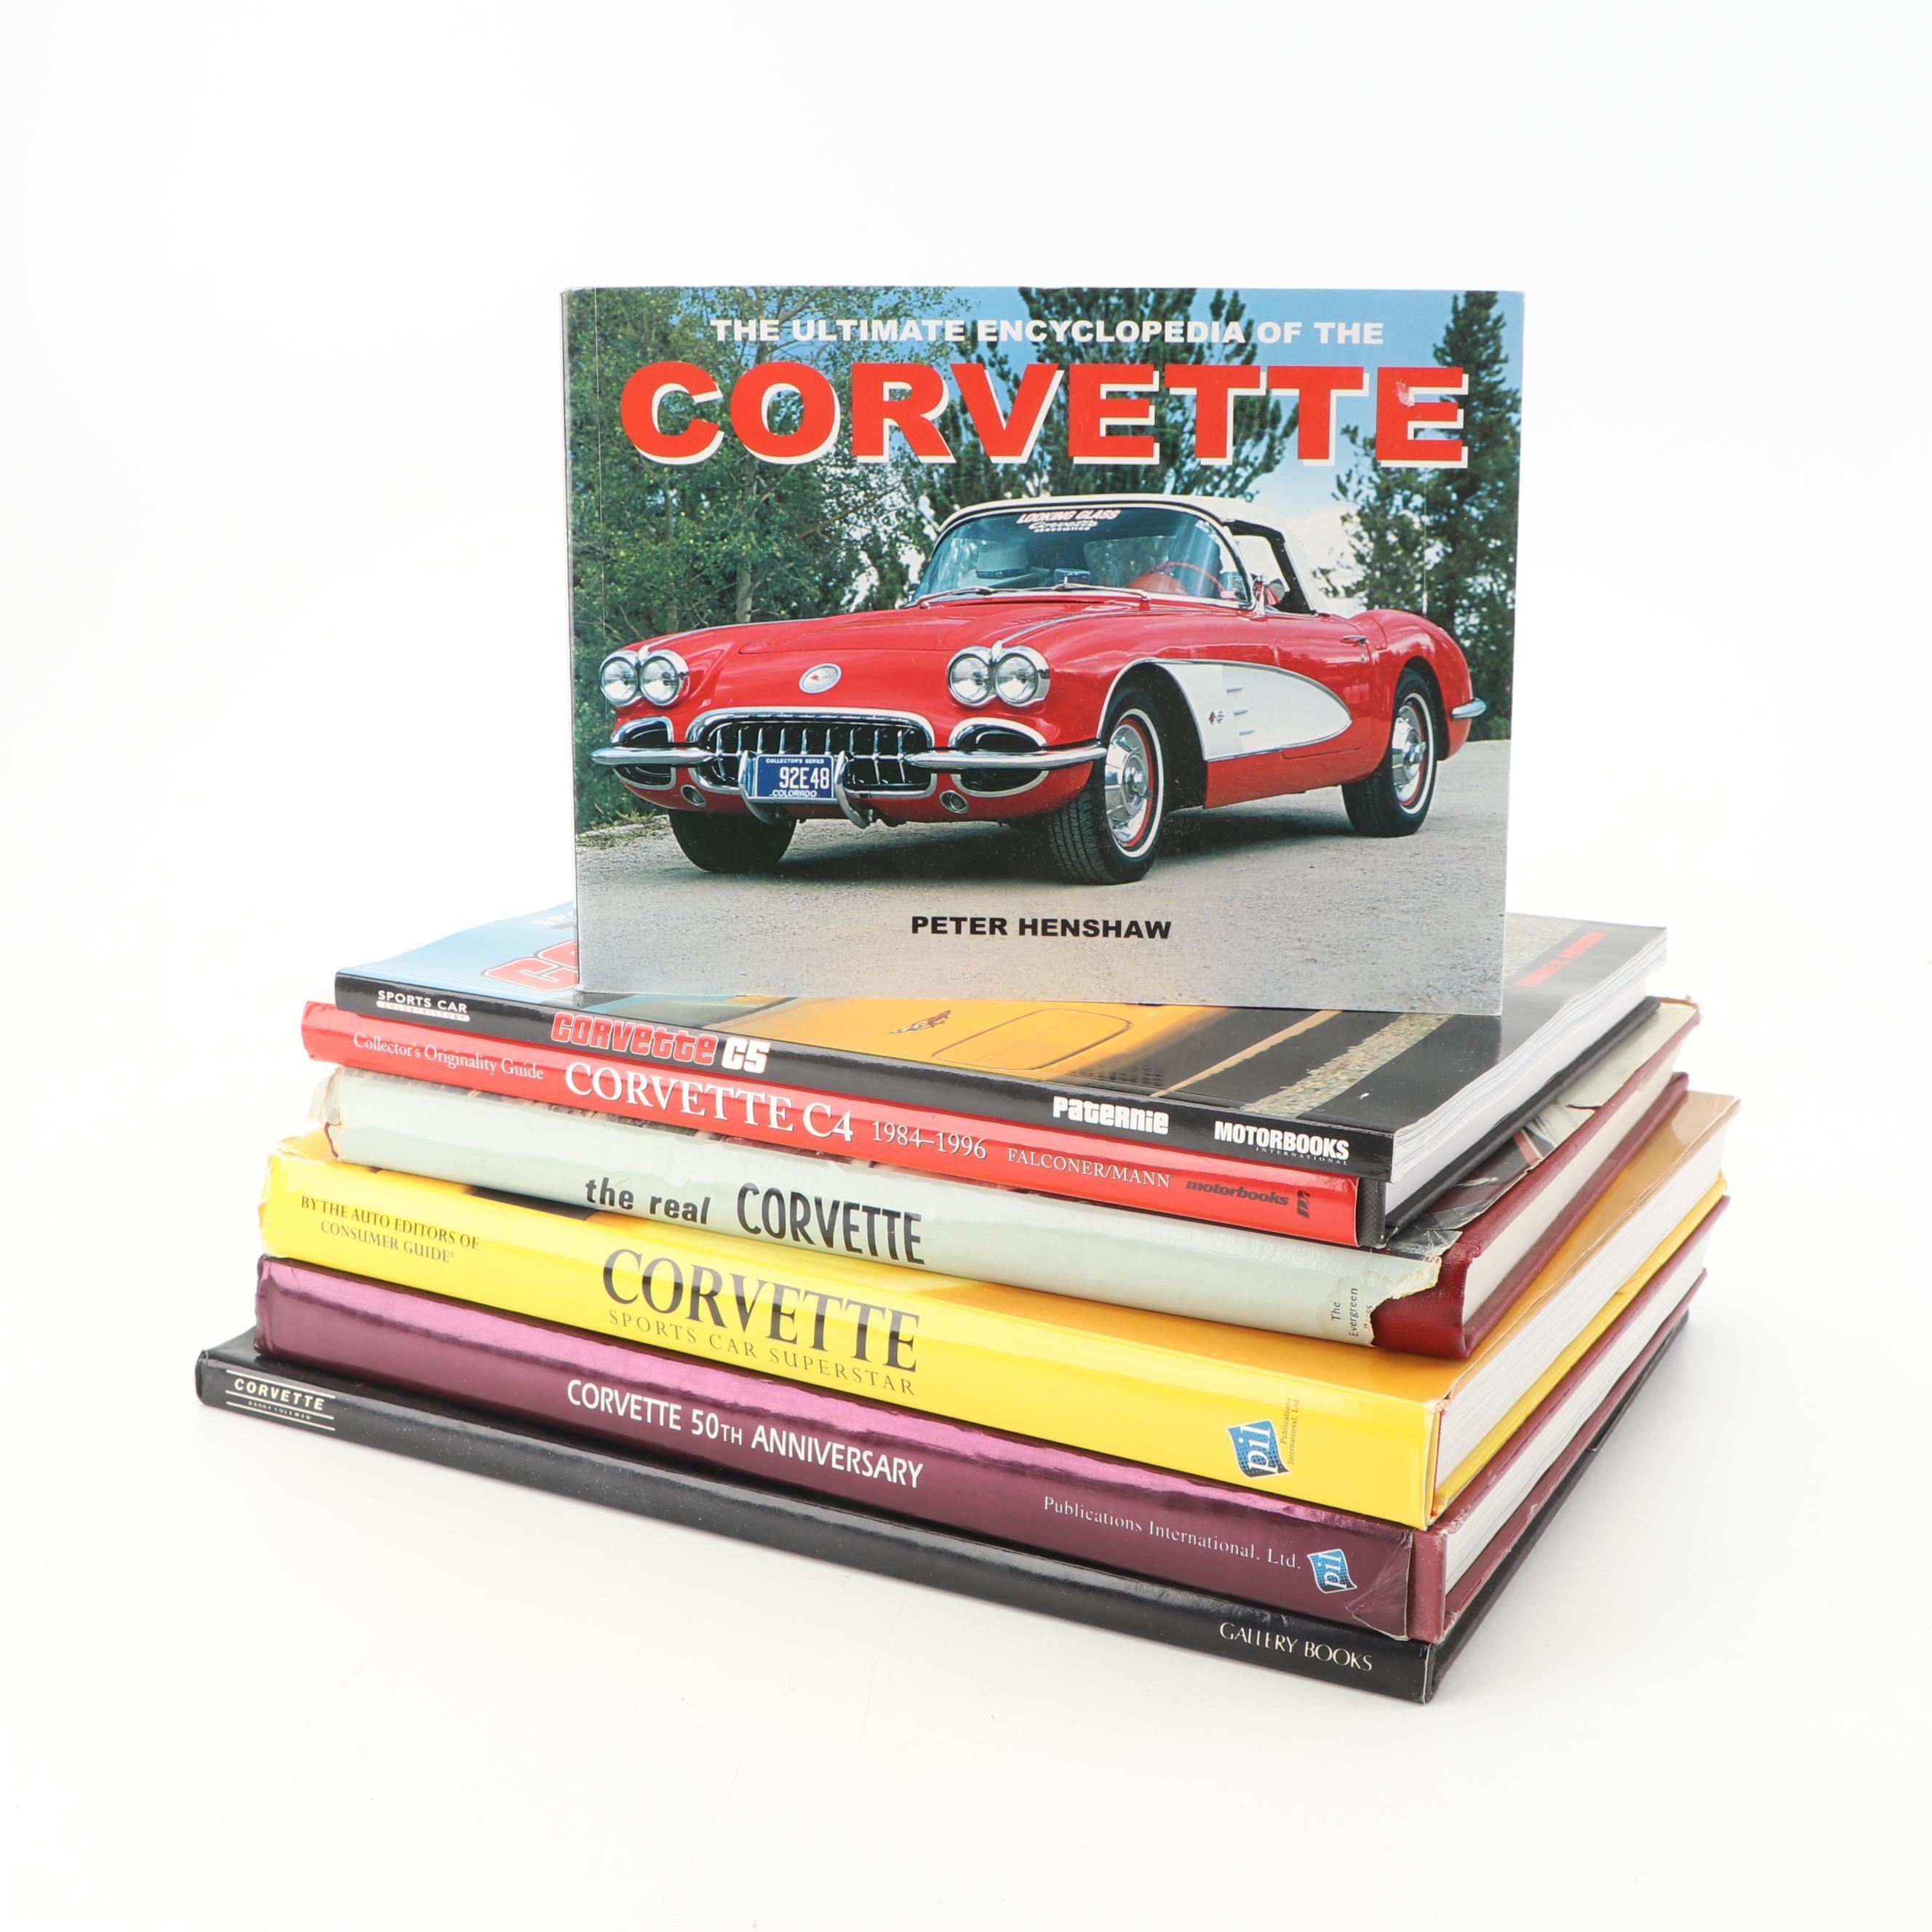 Corvette Themed Automobile Books